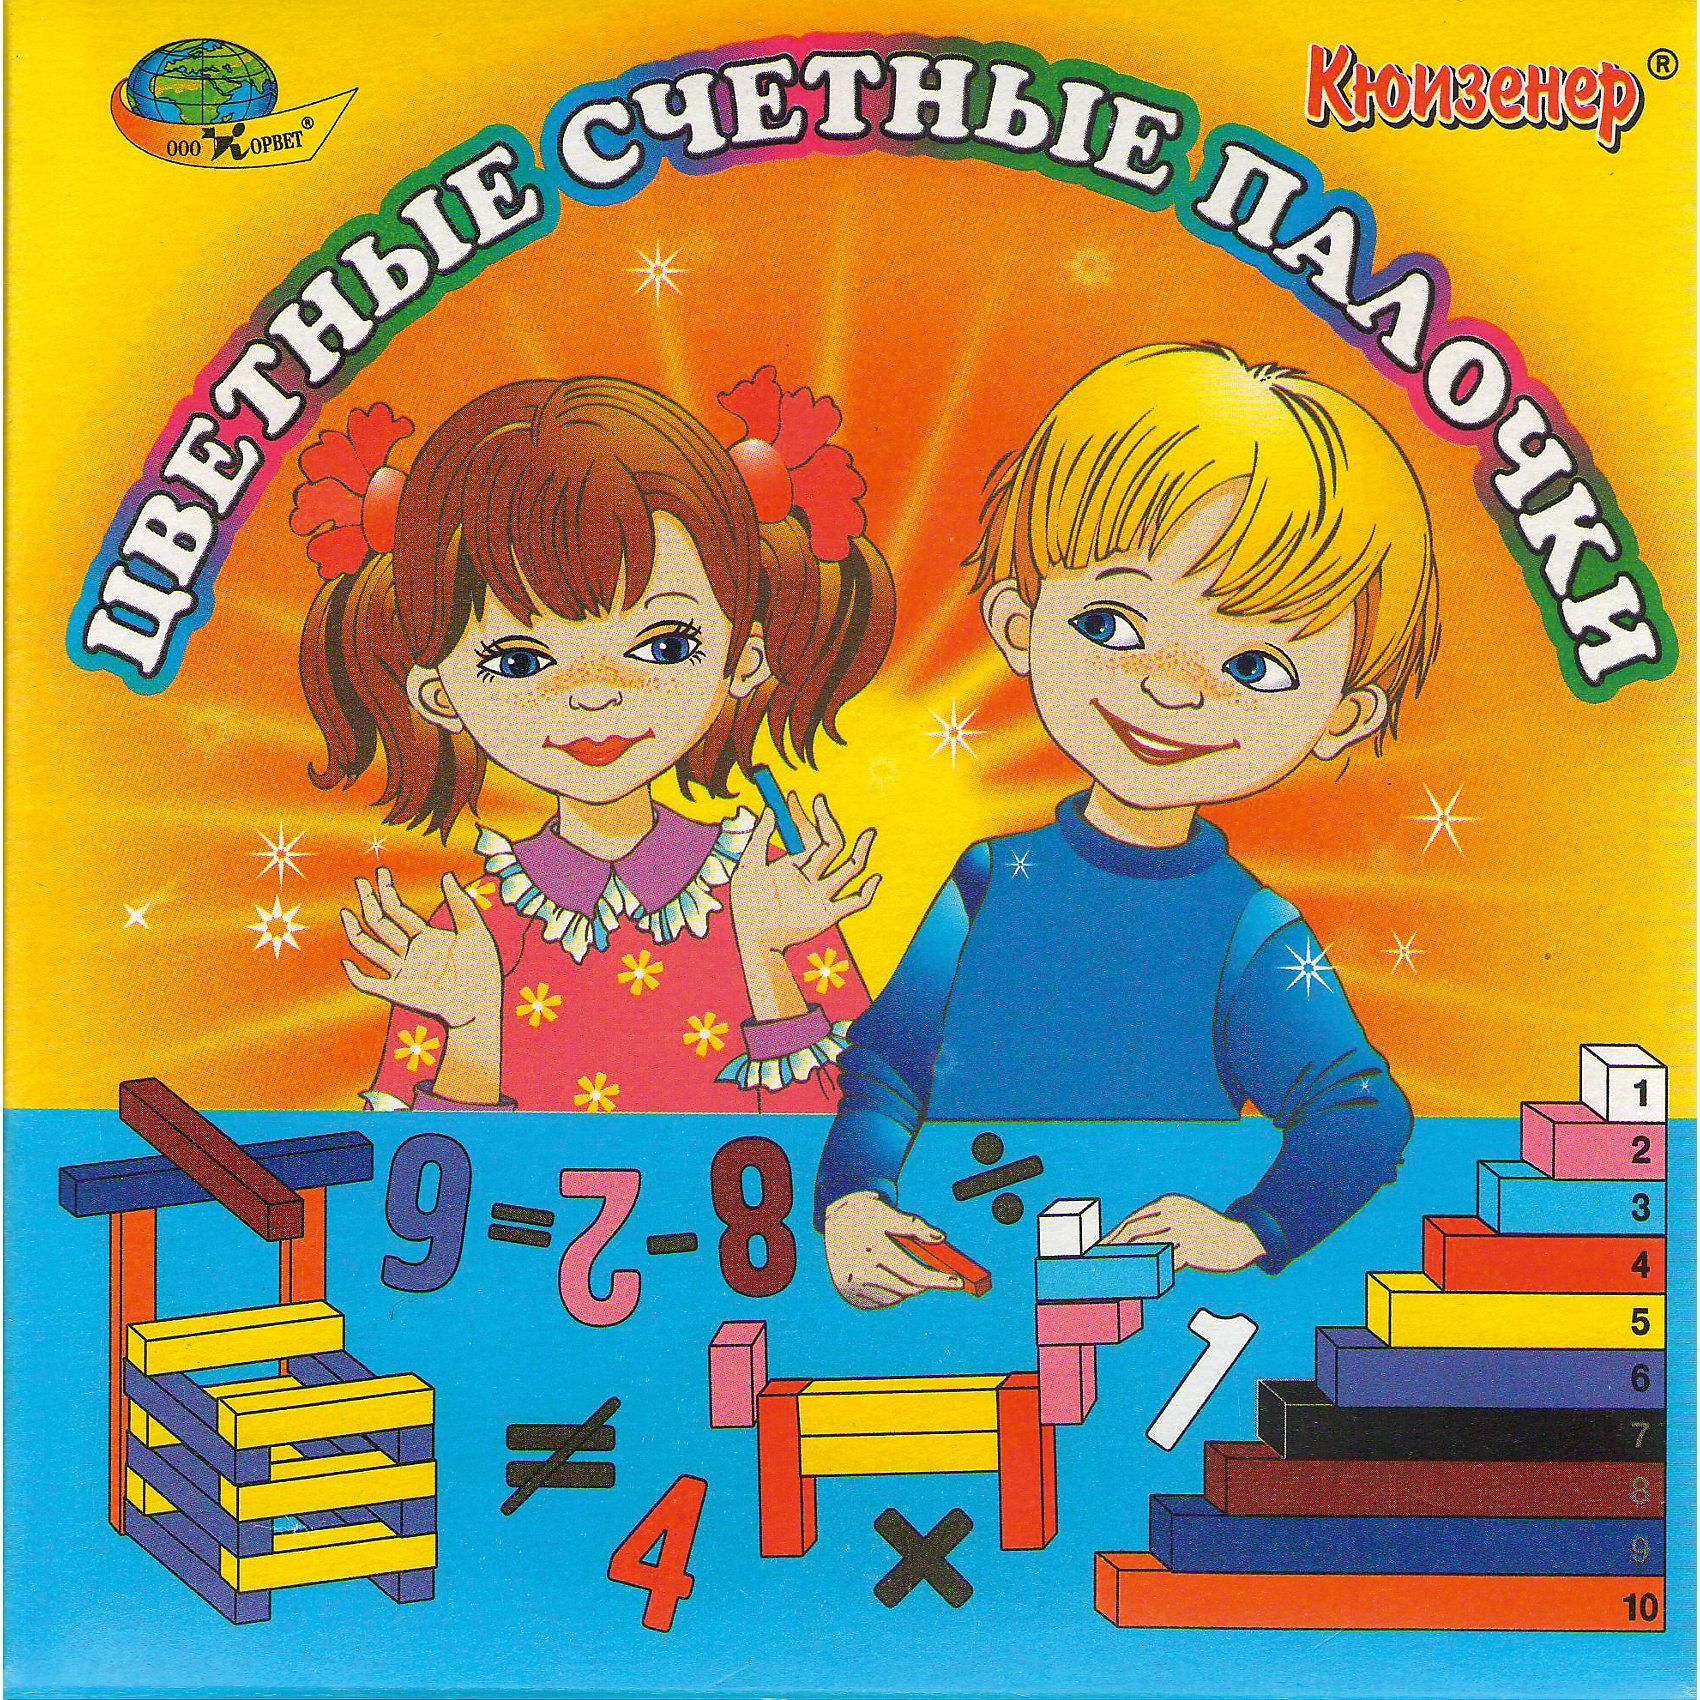 Цветные счетные палочки КюизенераКаждая палочка – это число, выраженное цветом и величиной. С математической точки зрения палочки это множество, на котором легко обнаруживаются отношения эквивалентности и порядка. В этом множестве скрыты многочисленные математические ситуации. Цвет и величина, моделируя число, подводят детей к пониманию различных абстрактных понятий, возникающих в мышлении ребенка естественно как результат его самостоятельной практической деятельности. Использование «чисел в цвете» позволяет одновременно развить у детей представление о числе на основе счета и измерения. К выводу, что число появляется на основе счета и измерения, дети приходят на базе практической деятельности, в результате разнообразных упражнений. С помощью цветных палочек детей также легко подвести к осознанию отношений больше - меньше, больше – меньше на…, научить делить целое на части и измерять объекты условными мерками, поупражнять в запоминании состава чисел из единиц и меньших чисел, подойти вплотную к сложению, умножению, вычитанию и делению чисел. Кроме этого, играя с палочками, дети осваивают такие понятия как «левое», «длинное», «между», «каждый», «одна из…», «какой-нибудь», «быть одного и того же цвета», «быть не голубого цвета», «иметь одинаковую длину» и др. Комплект состоит из 116 пластмассовых призм 10-ти различных цветов и форм. Наименьшая призма имеет длину 10 мм и является кубом. Выбор цвета преследует цель облегчить использование комплекта. Палочки 2,4,8 образуют «красную семью», 3,6,9 – «синюю семью». «Семейство желтых» составляют 5 и 10. Подбор палочек в одно семейство (класс) происходит не случайно, а связан с определенным соотношением их по величине. Например, в семейство красных входят числа кратные двум и т.д. В каждом из наборов действует правило: чем больше длина палочки, тем больше значение того числа, которое она выражает.<br><br>Ширина мм: 17<br>Глубина мм: 7<br>Высота мм: 4<br>Вес г: 300<br>Возраст от месяцев: 36<br>Возраст до месяцев: 2147483647<br>